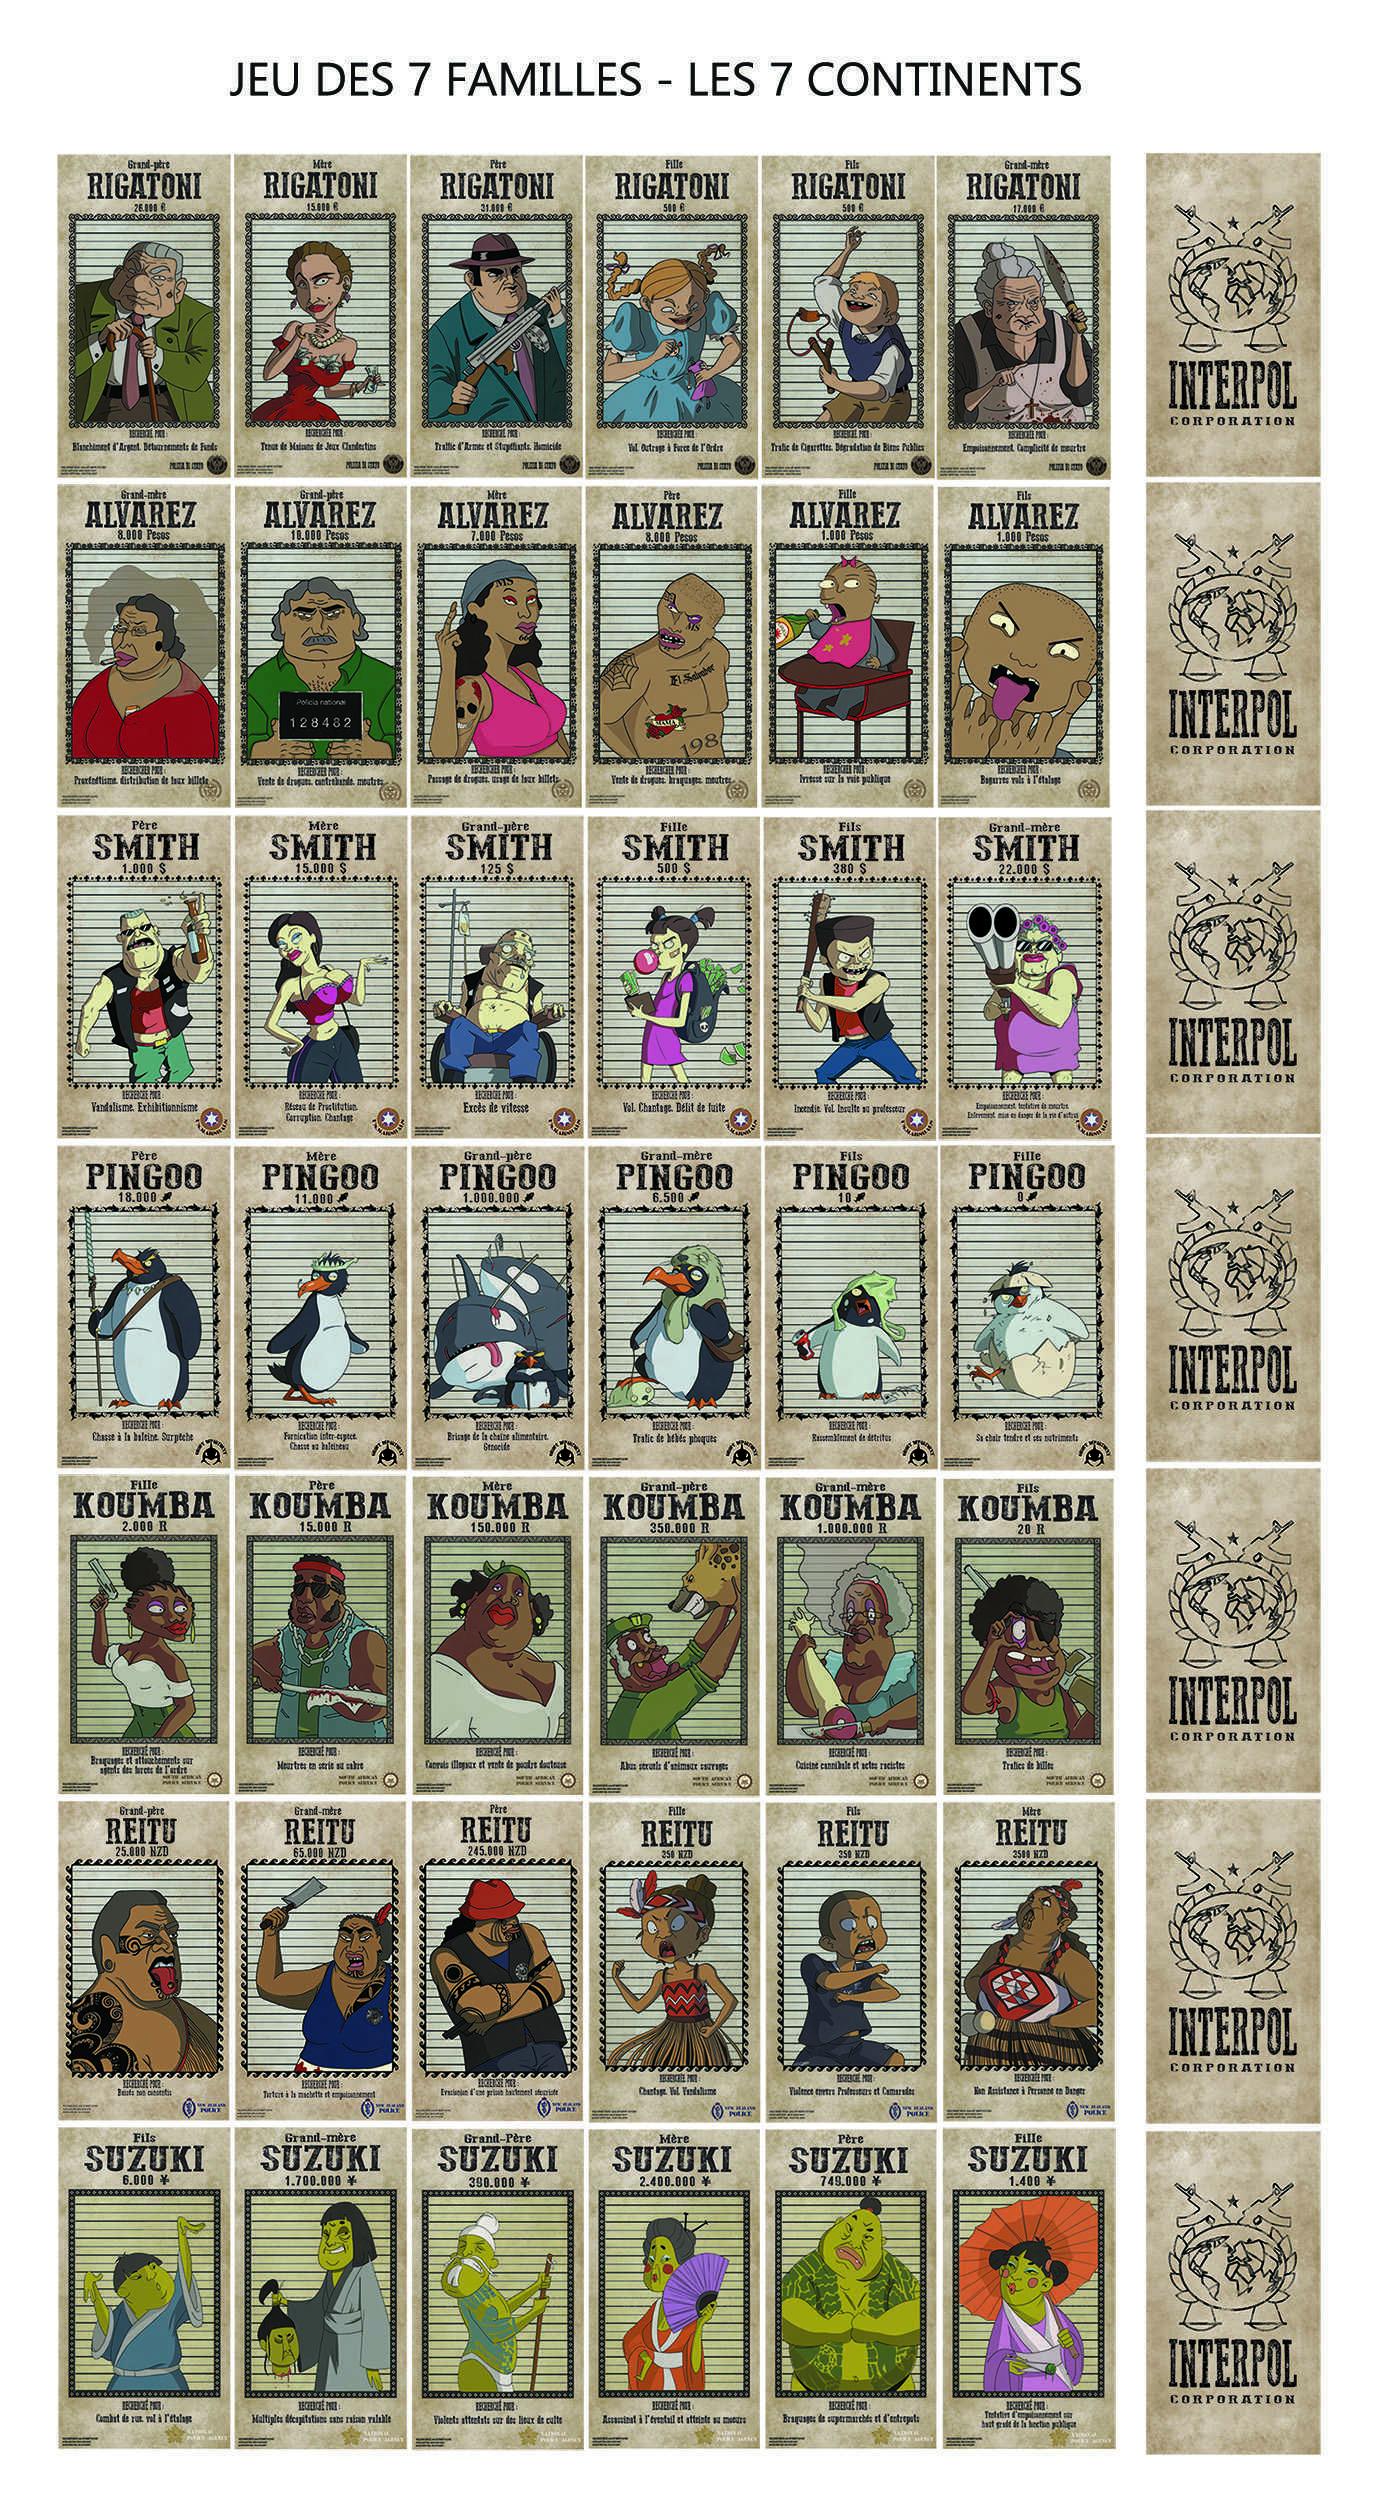 jeu-7-familles-continents-1b.jpg